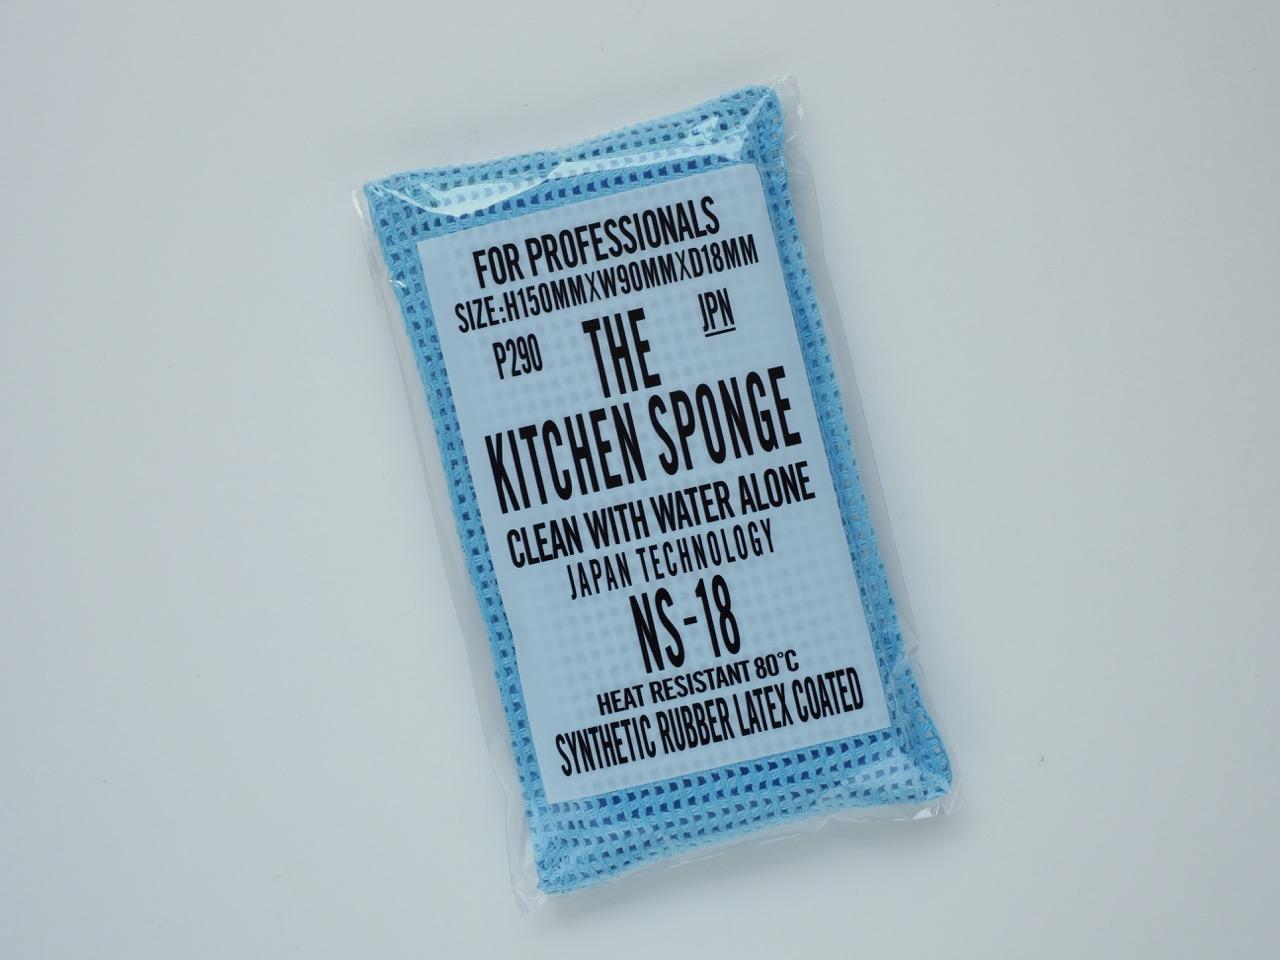 洗剤不要のキッチンスポンジの使い方